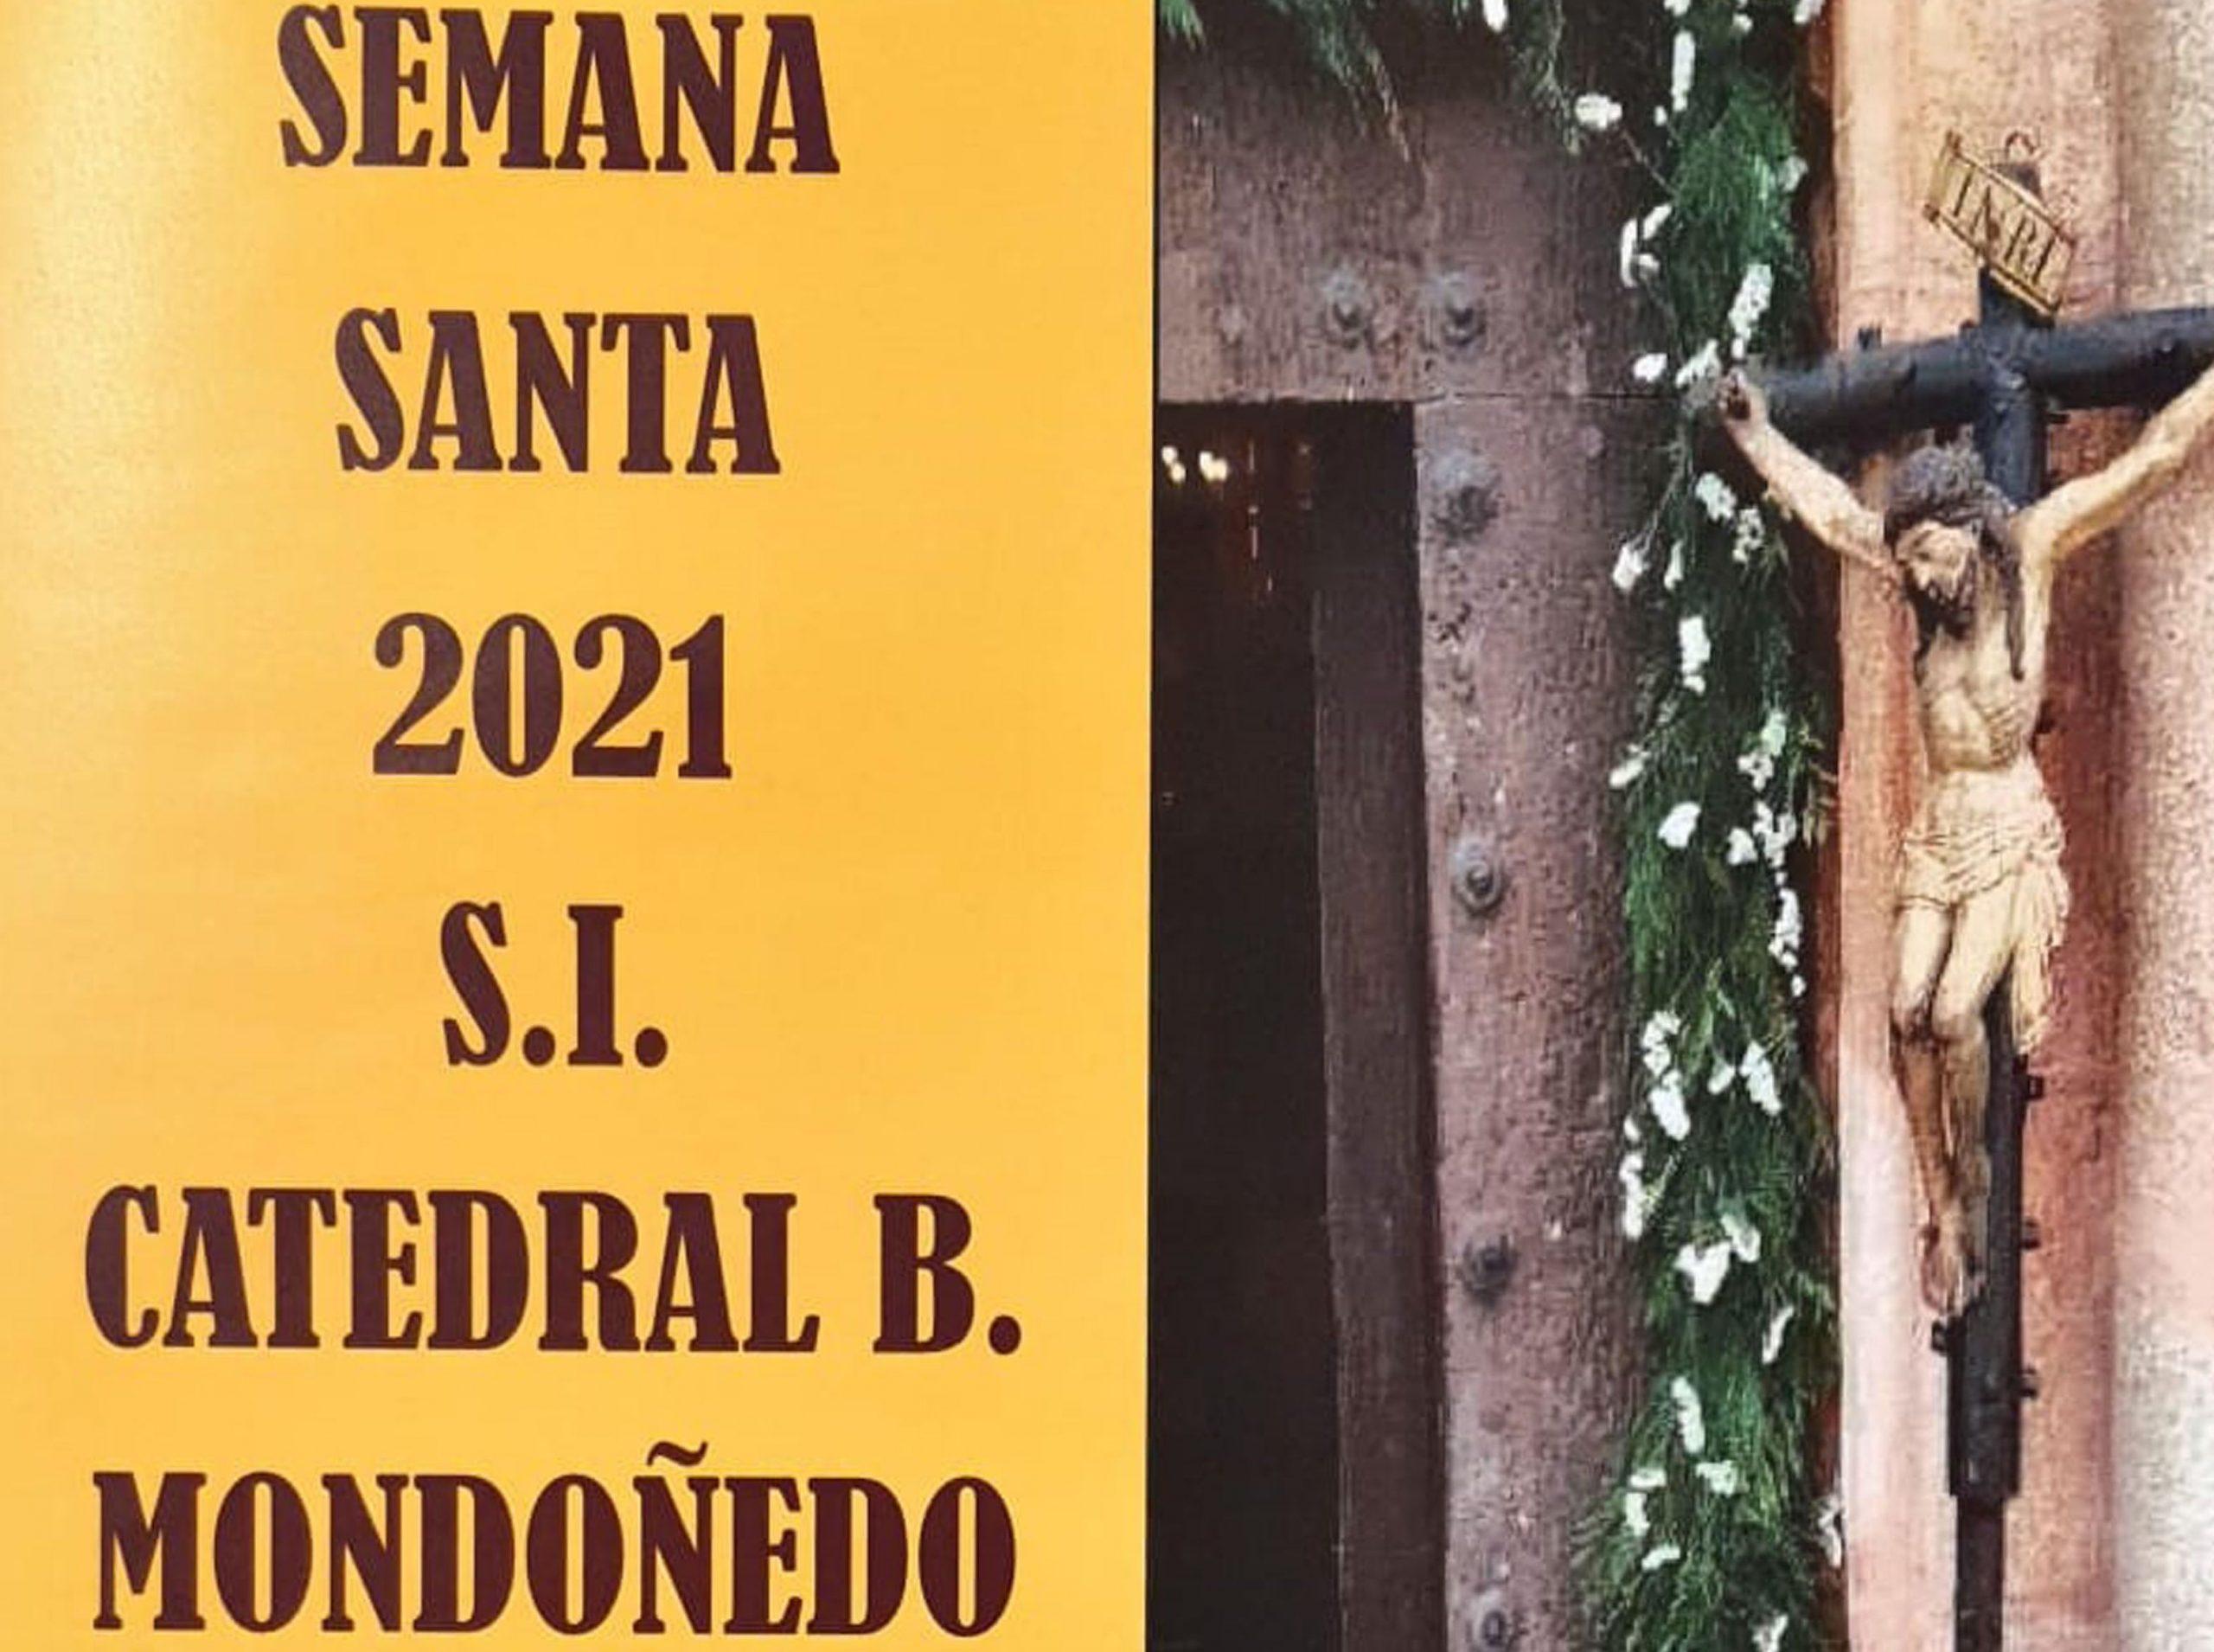 A Semana Santa de Mondoñedo, de Interese Turístico Galego, mantén os actos litúrxicos